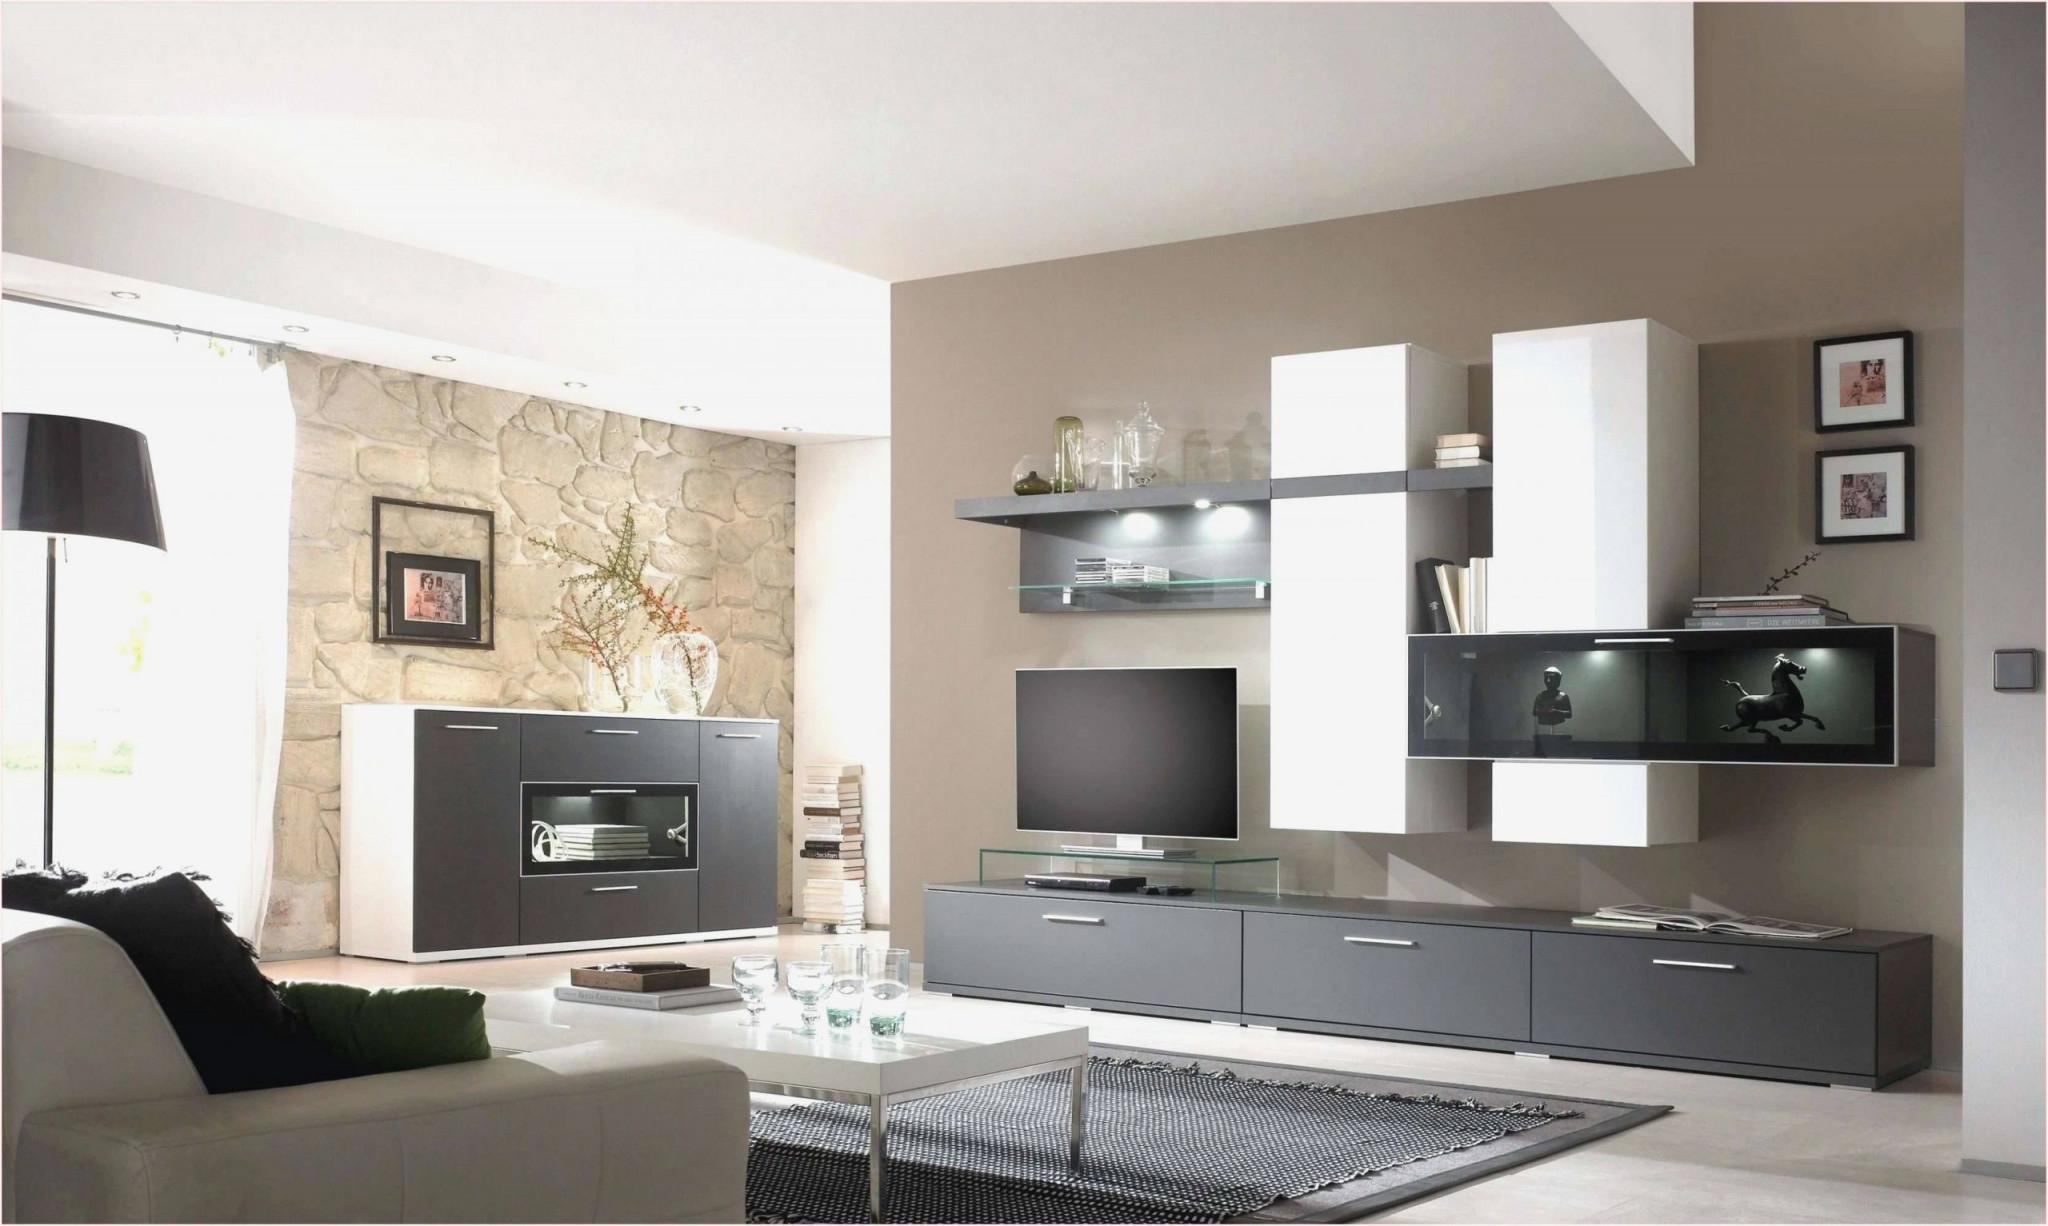 Wohnzimmer Einrichten Alt Und Modern  Wohnzimmer von Wohnzimmer Rechteckig Einrichten Photo